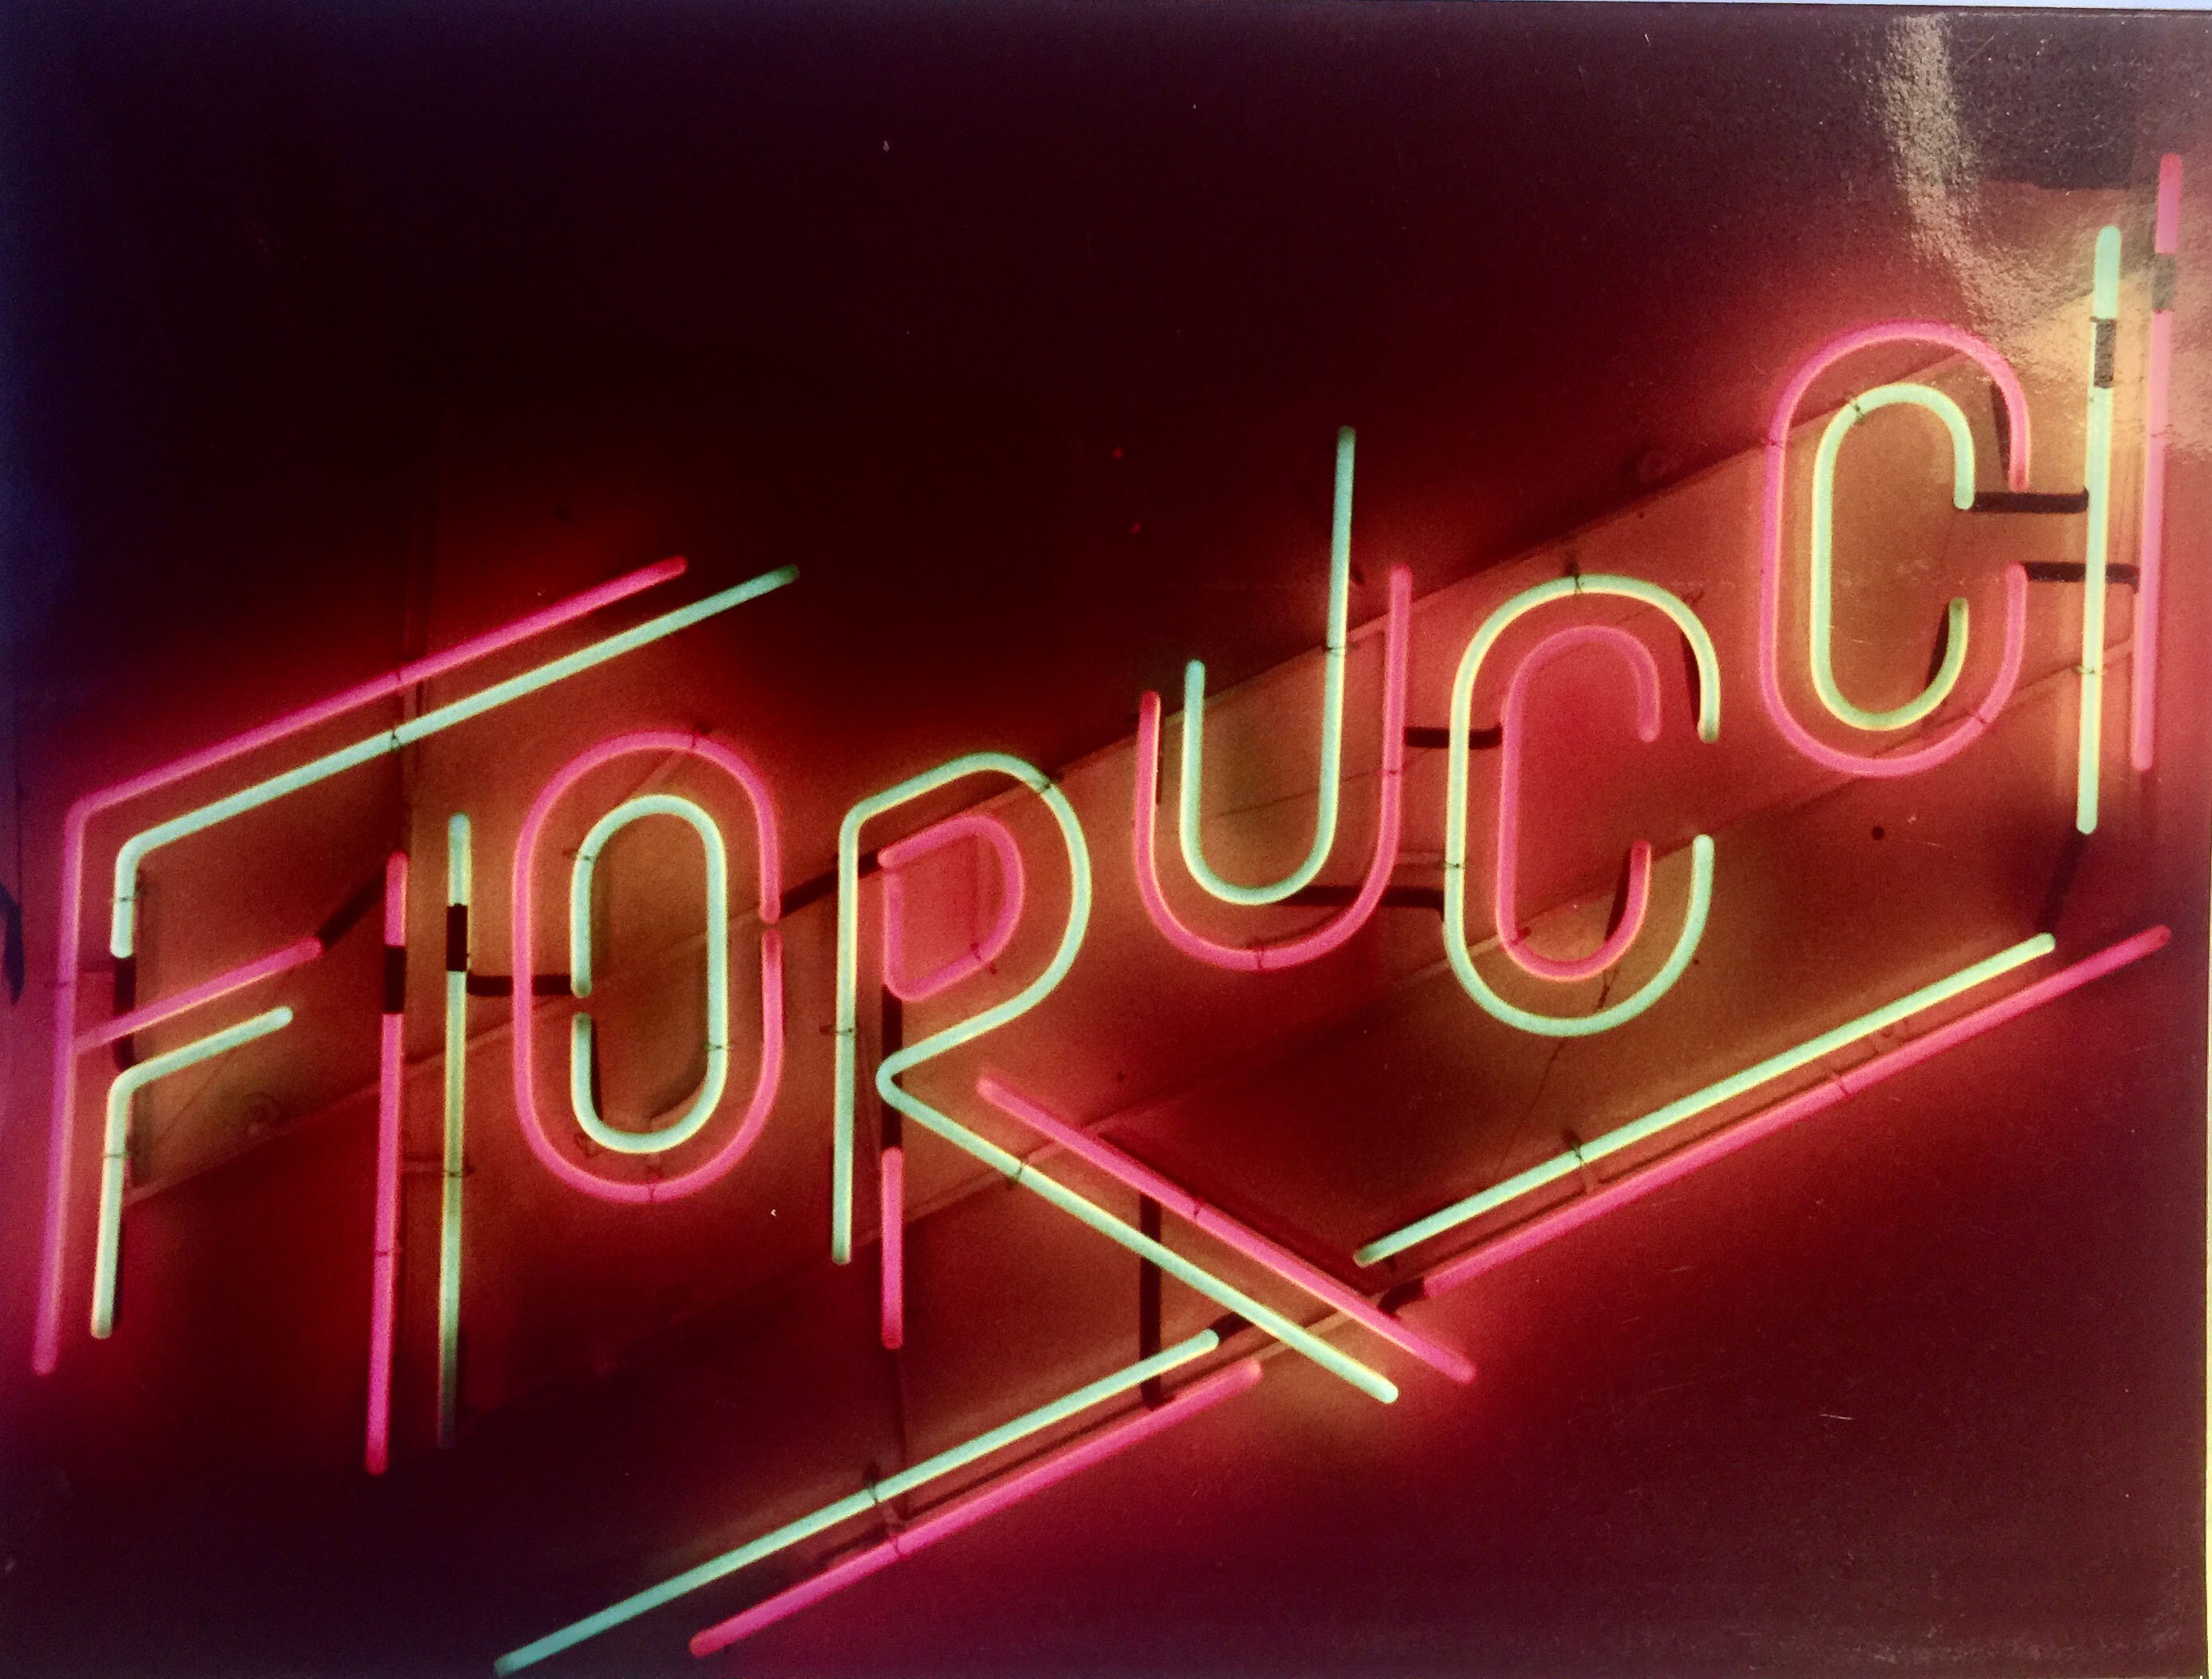 Fiorucci's store in Milan.